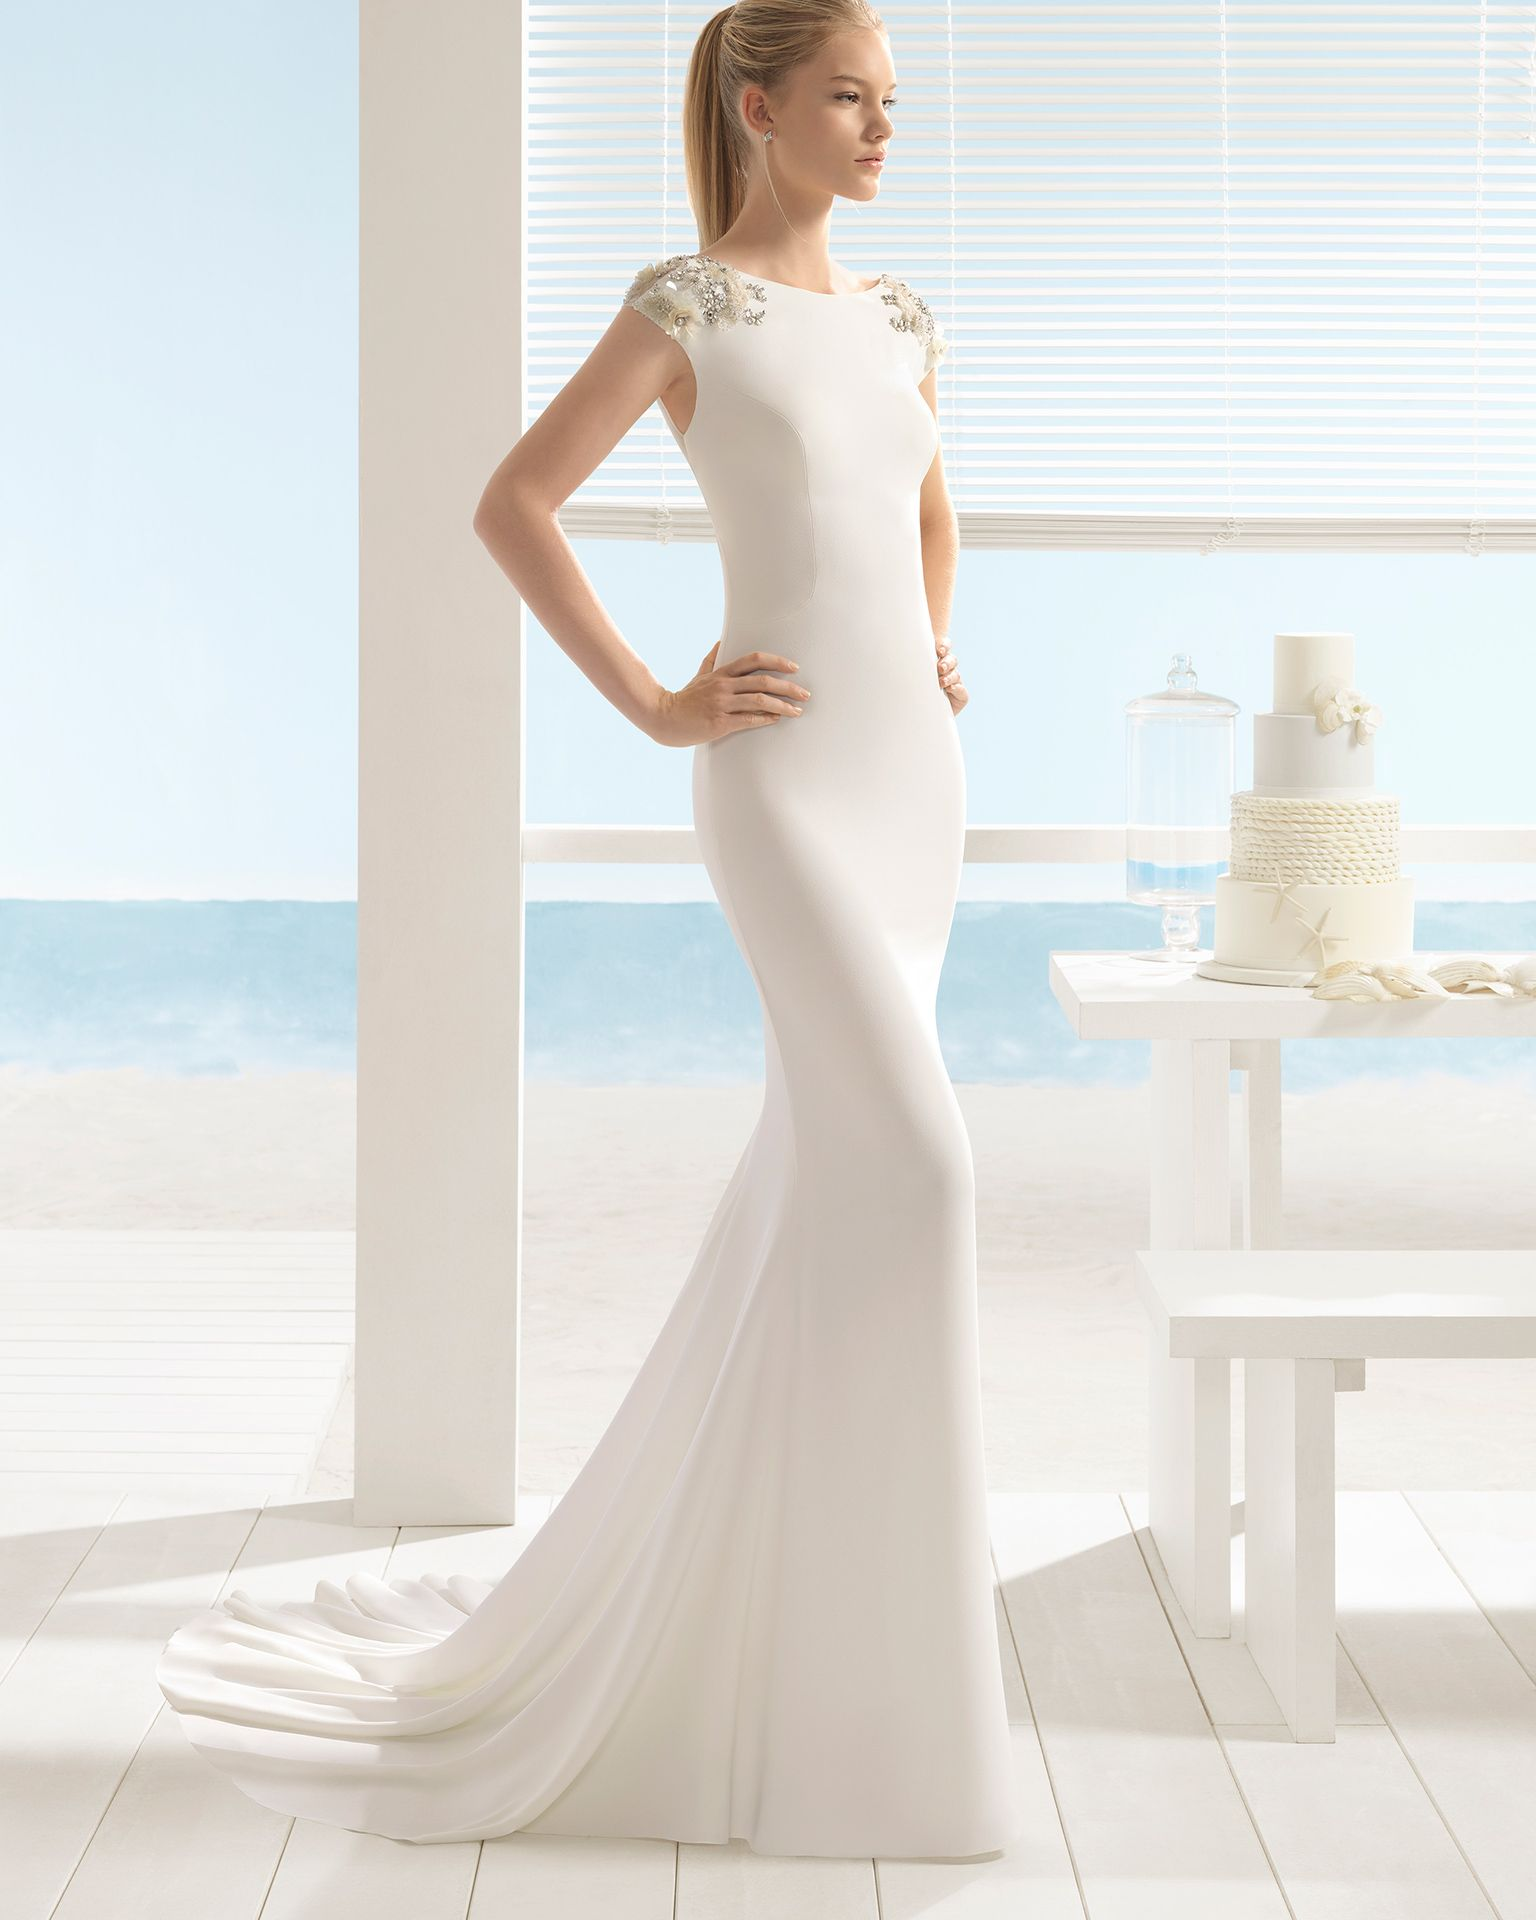 01211d97db Vestido de novia - Novias Rivoli - Logroño. Colección Aire 2018.  Sofisticado vestido sirena en crepe con escote barco y aplicaciones  florales 3D.